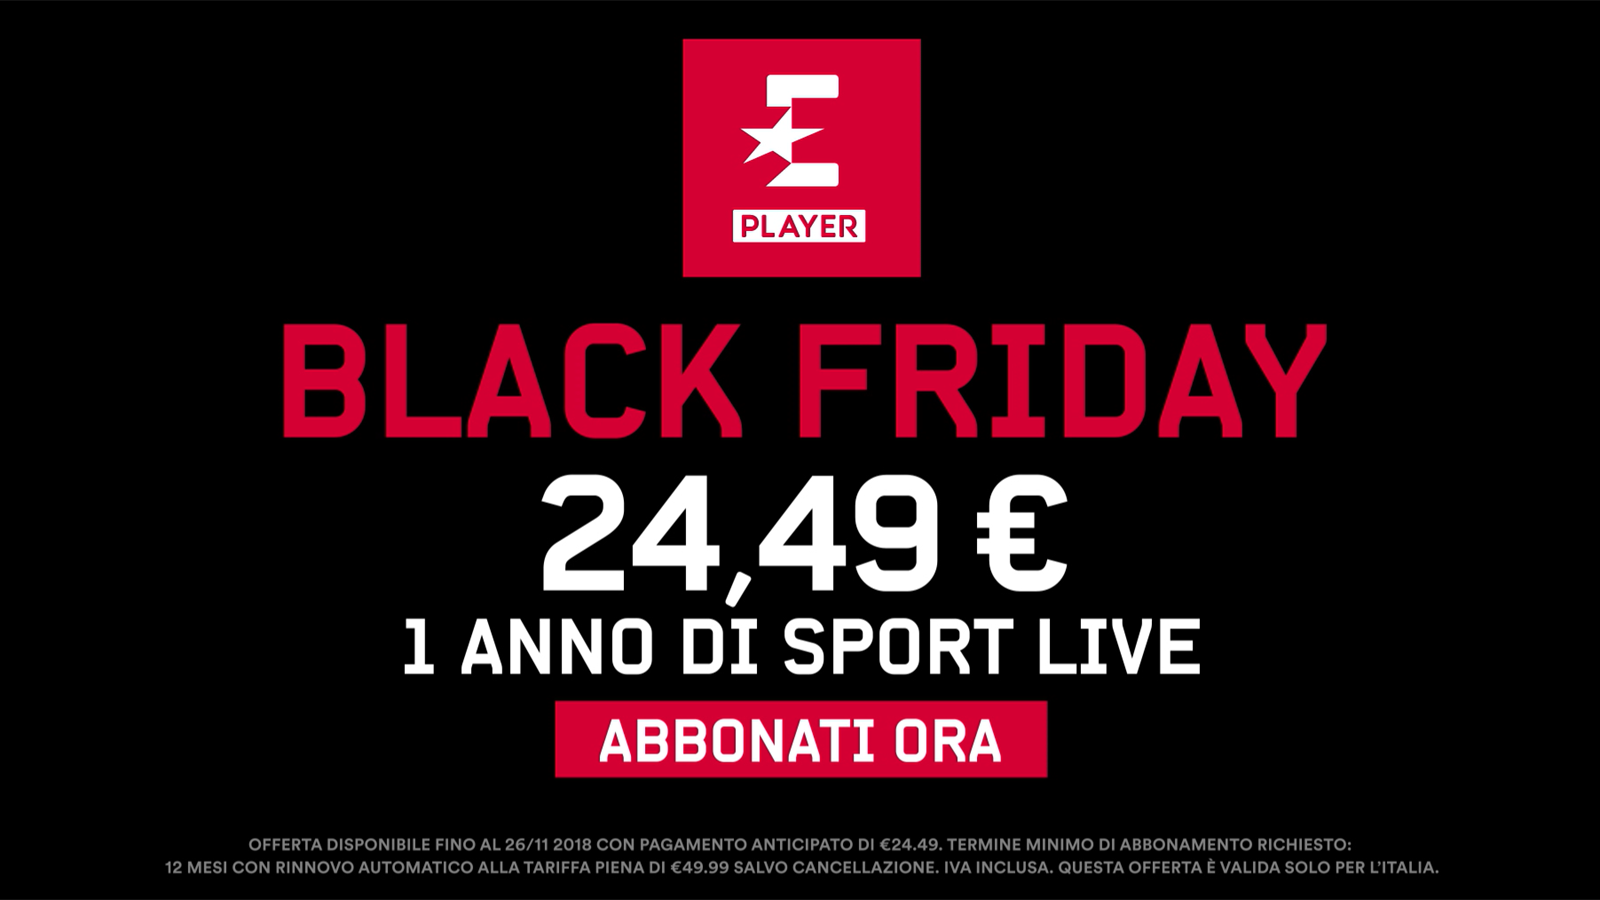 Arriva il Black Friday: Eurosport Player in offerta speciale a 24.49 euro per un anno!